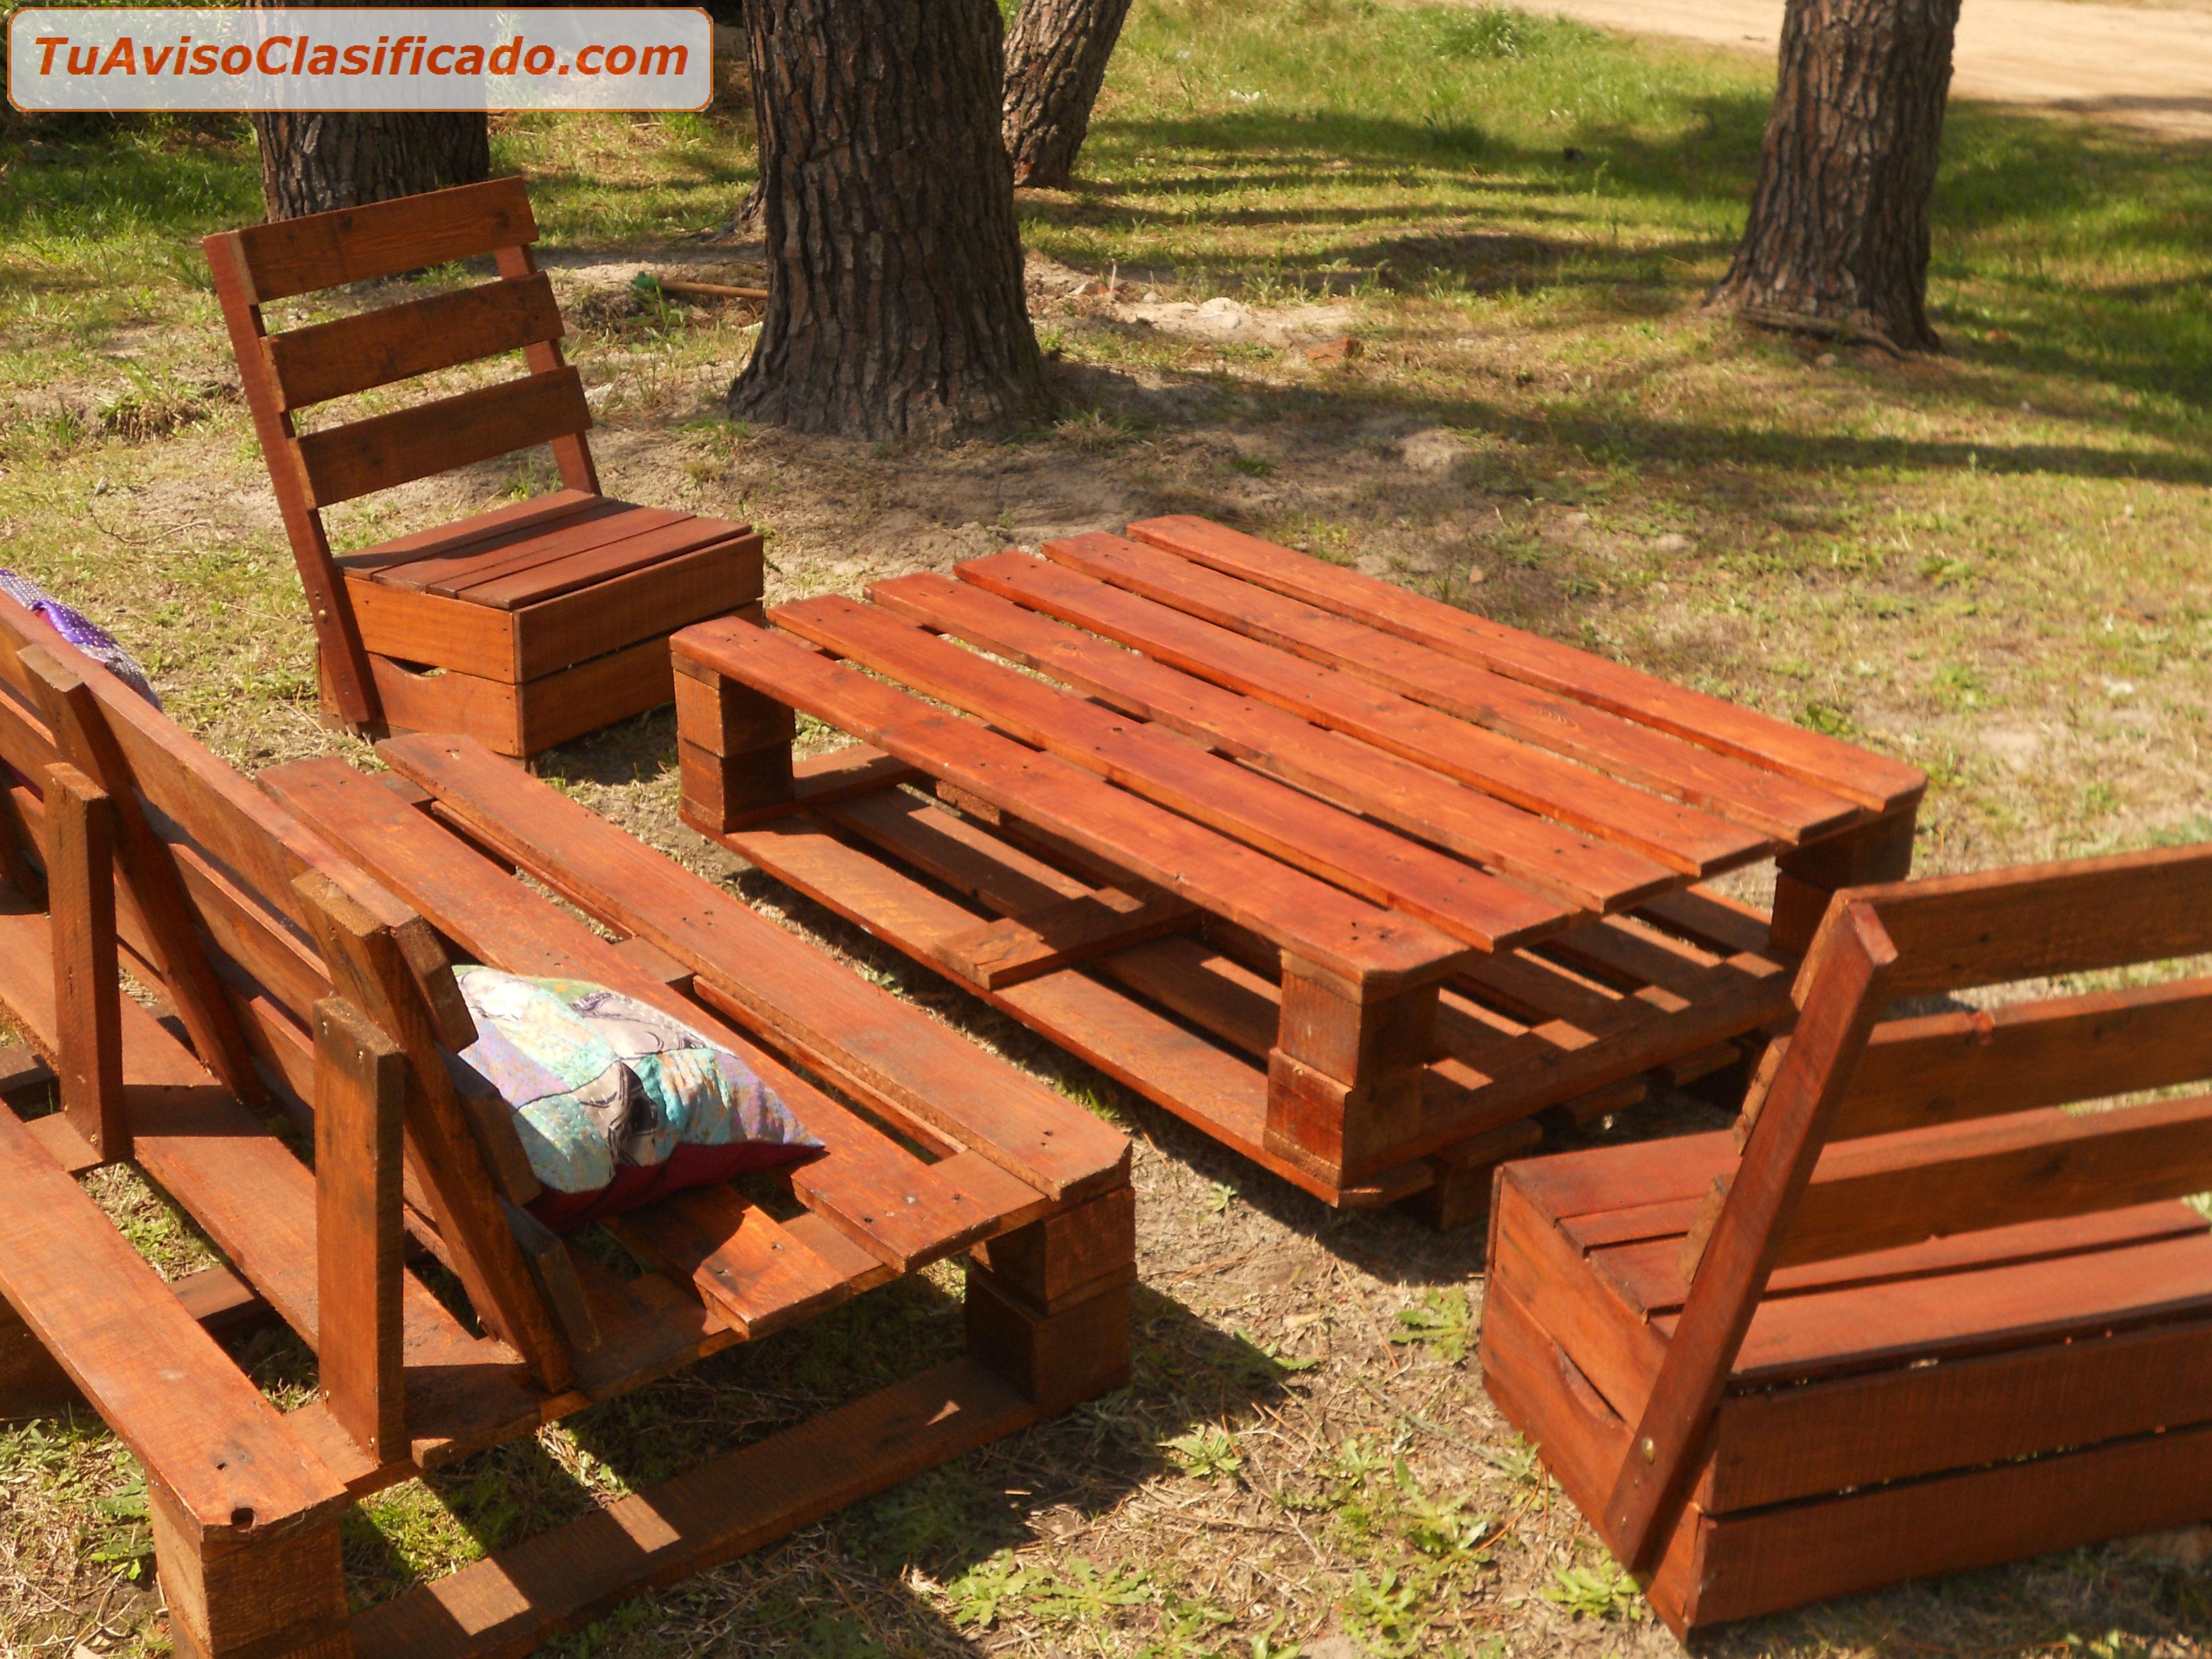 Juego de jardin - Mobiliario y Equipamiento > Otros - Dpto. Can...